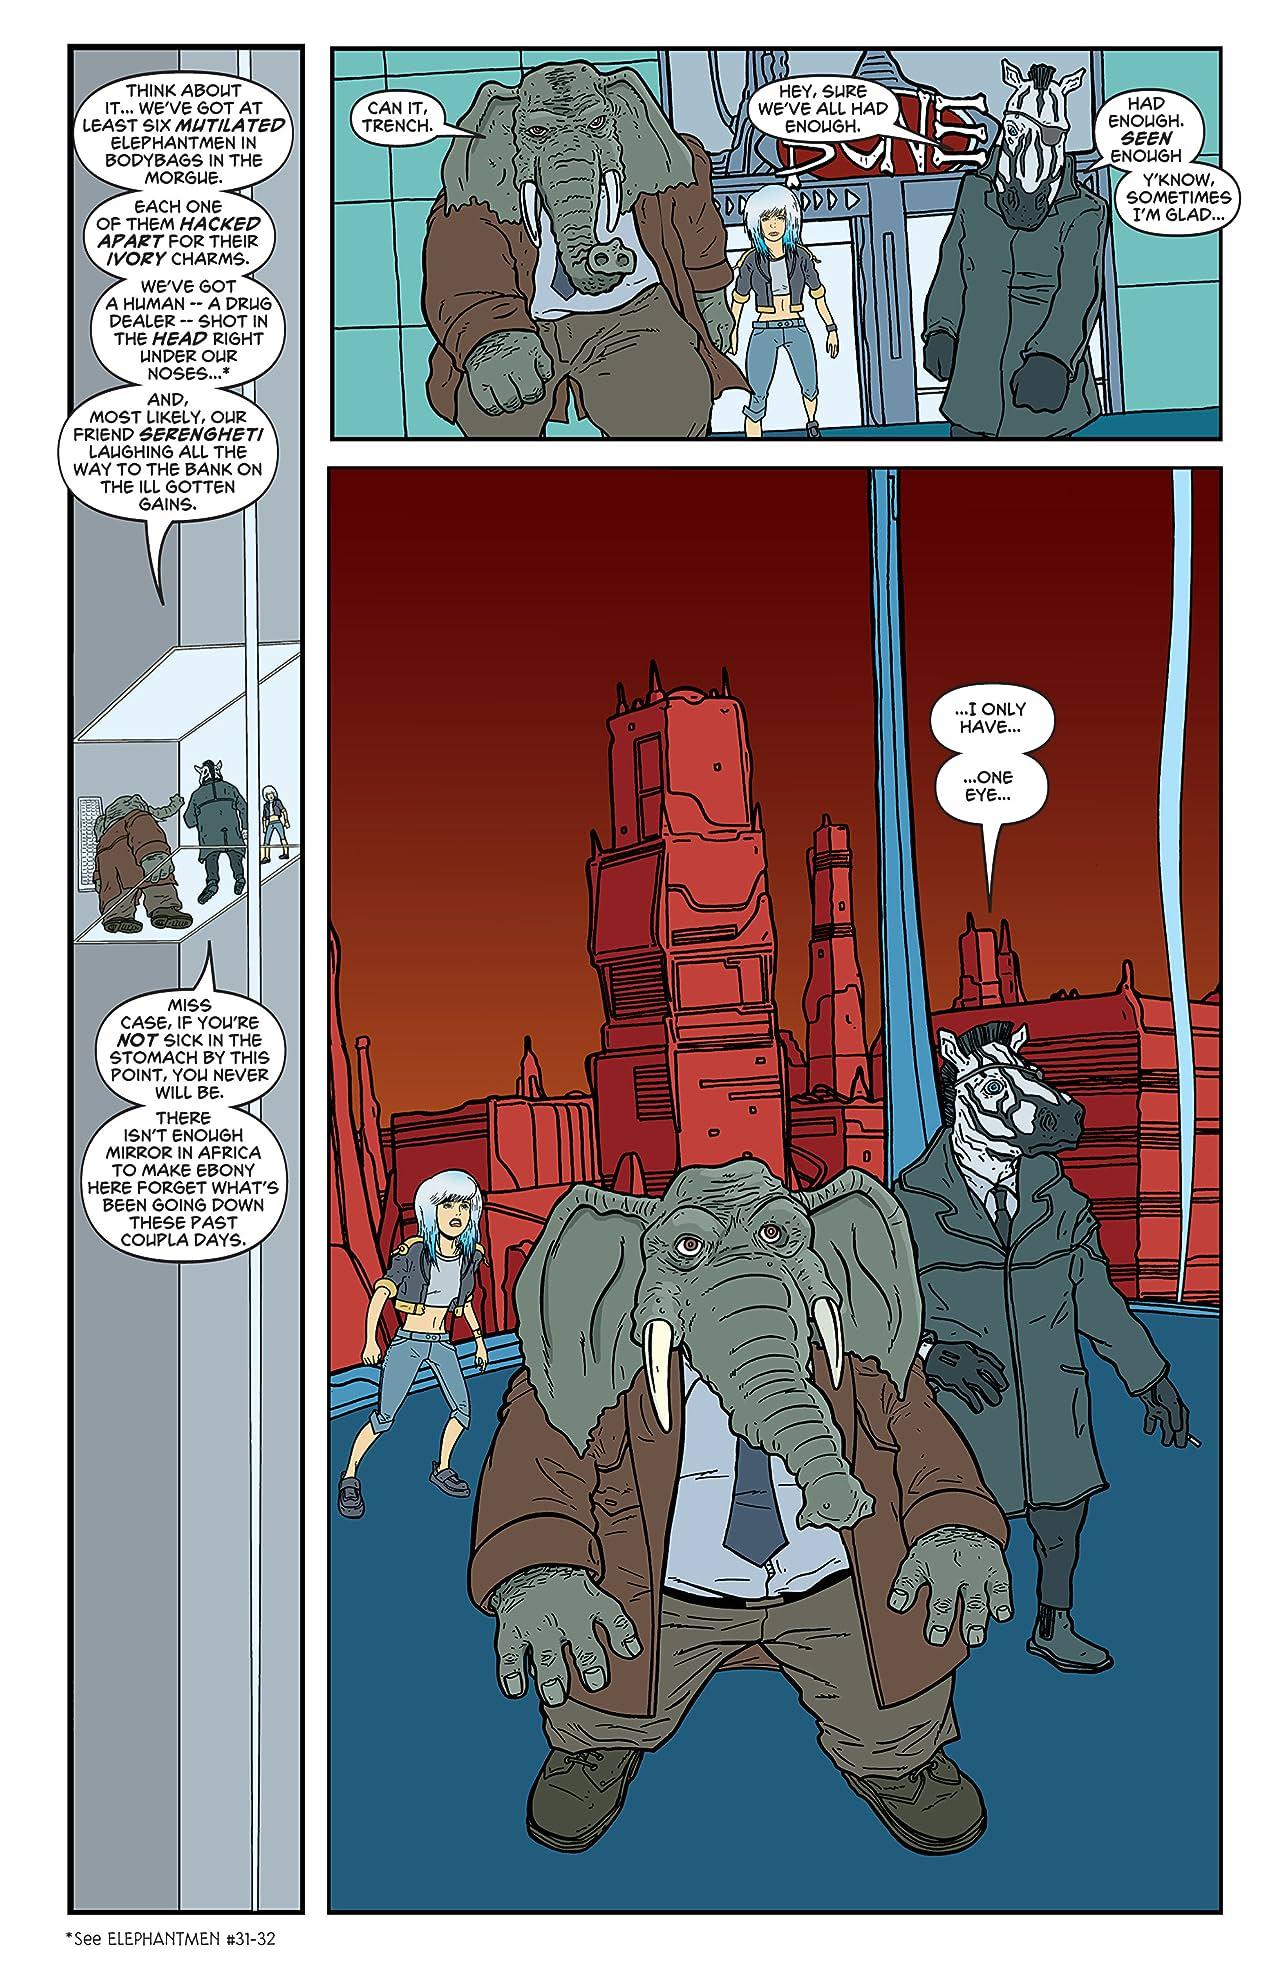 Elephantmen #33